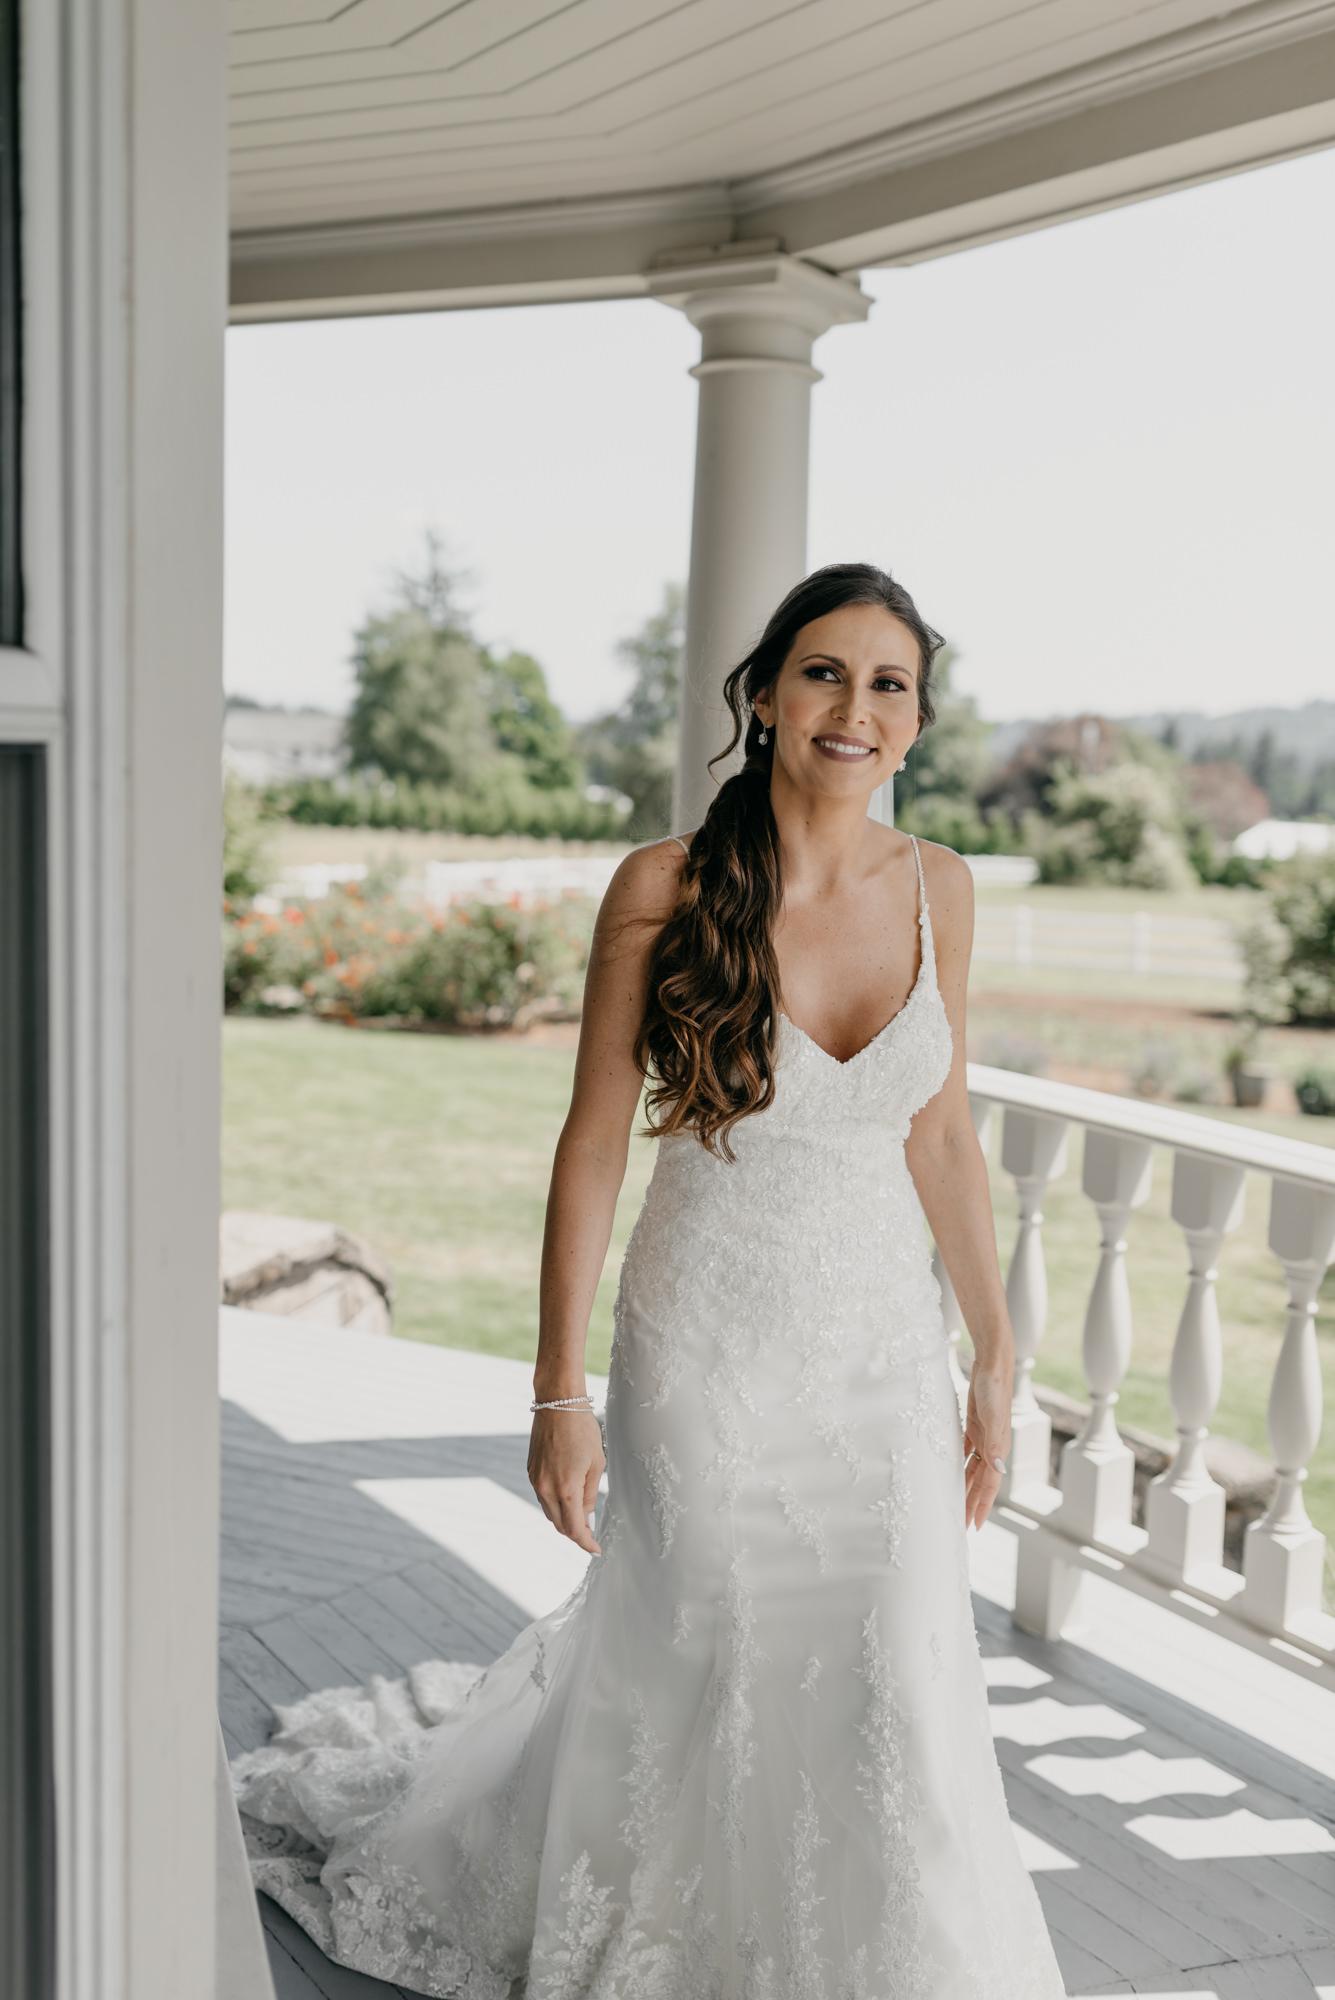 42-first-look-barn-kestrel-wedding-lake-oswego-wedding.jpg